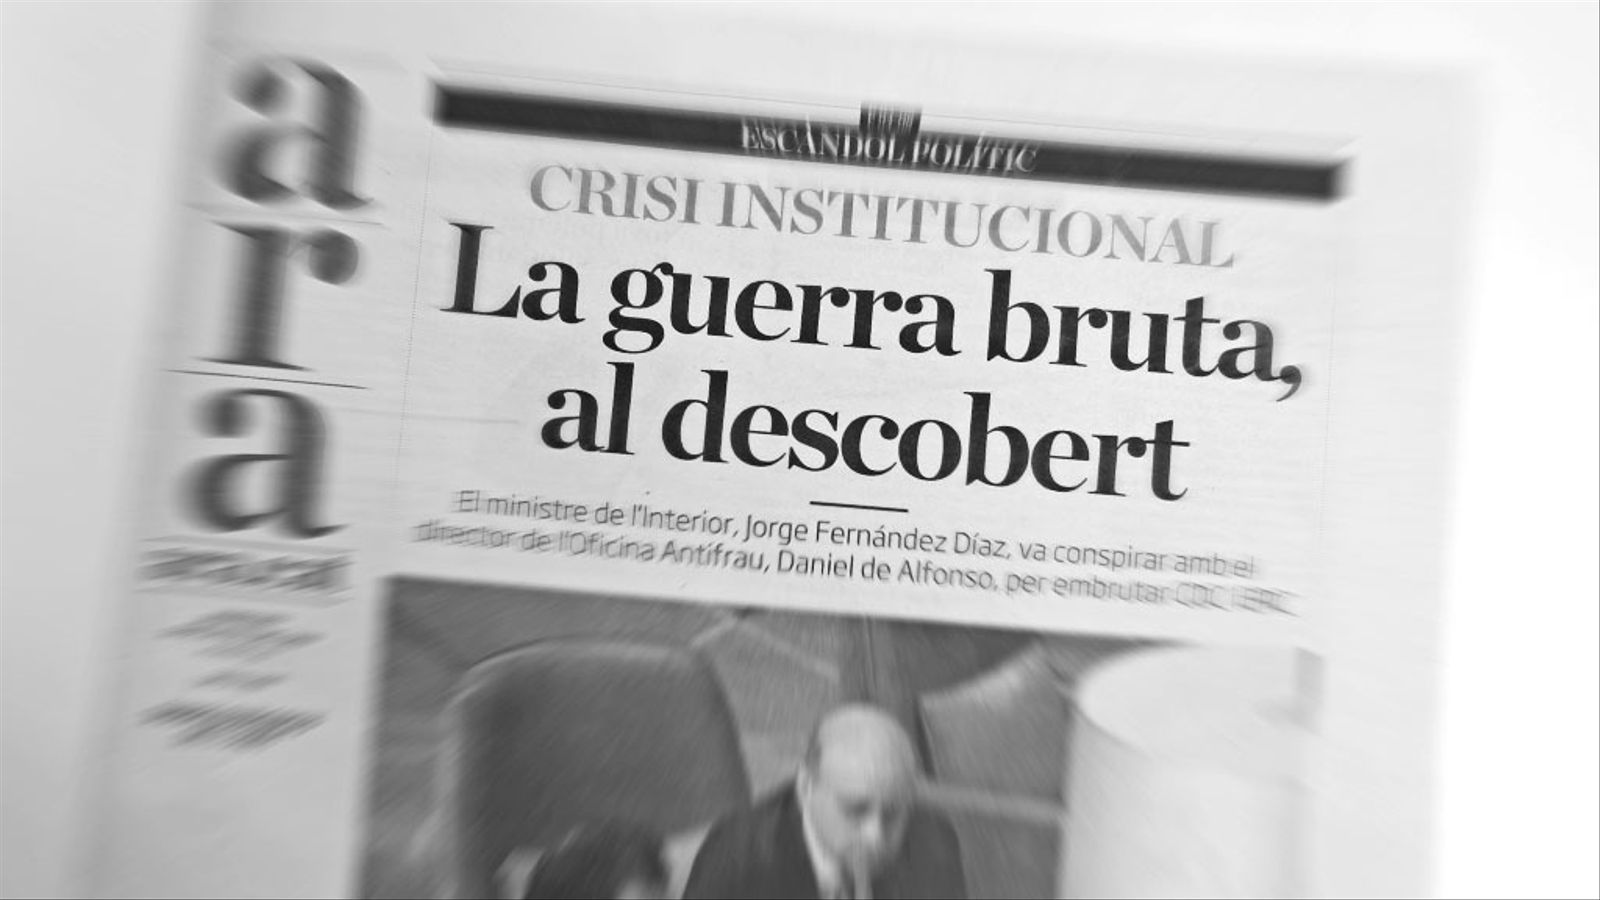 L'anàlisi d'Antoni Bassas: 'Fernández Díaz: El presidente del gobierno lo sabe'